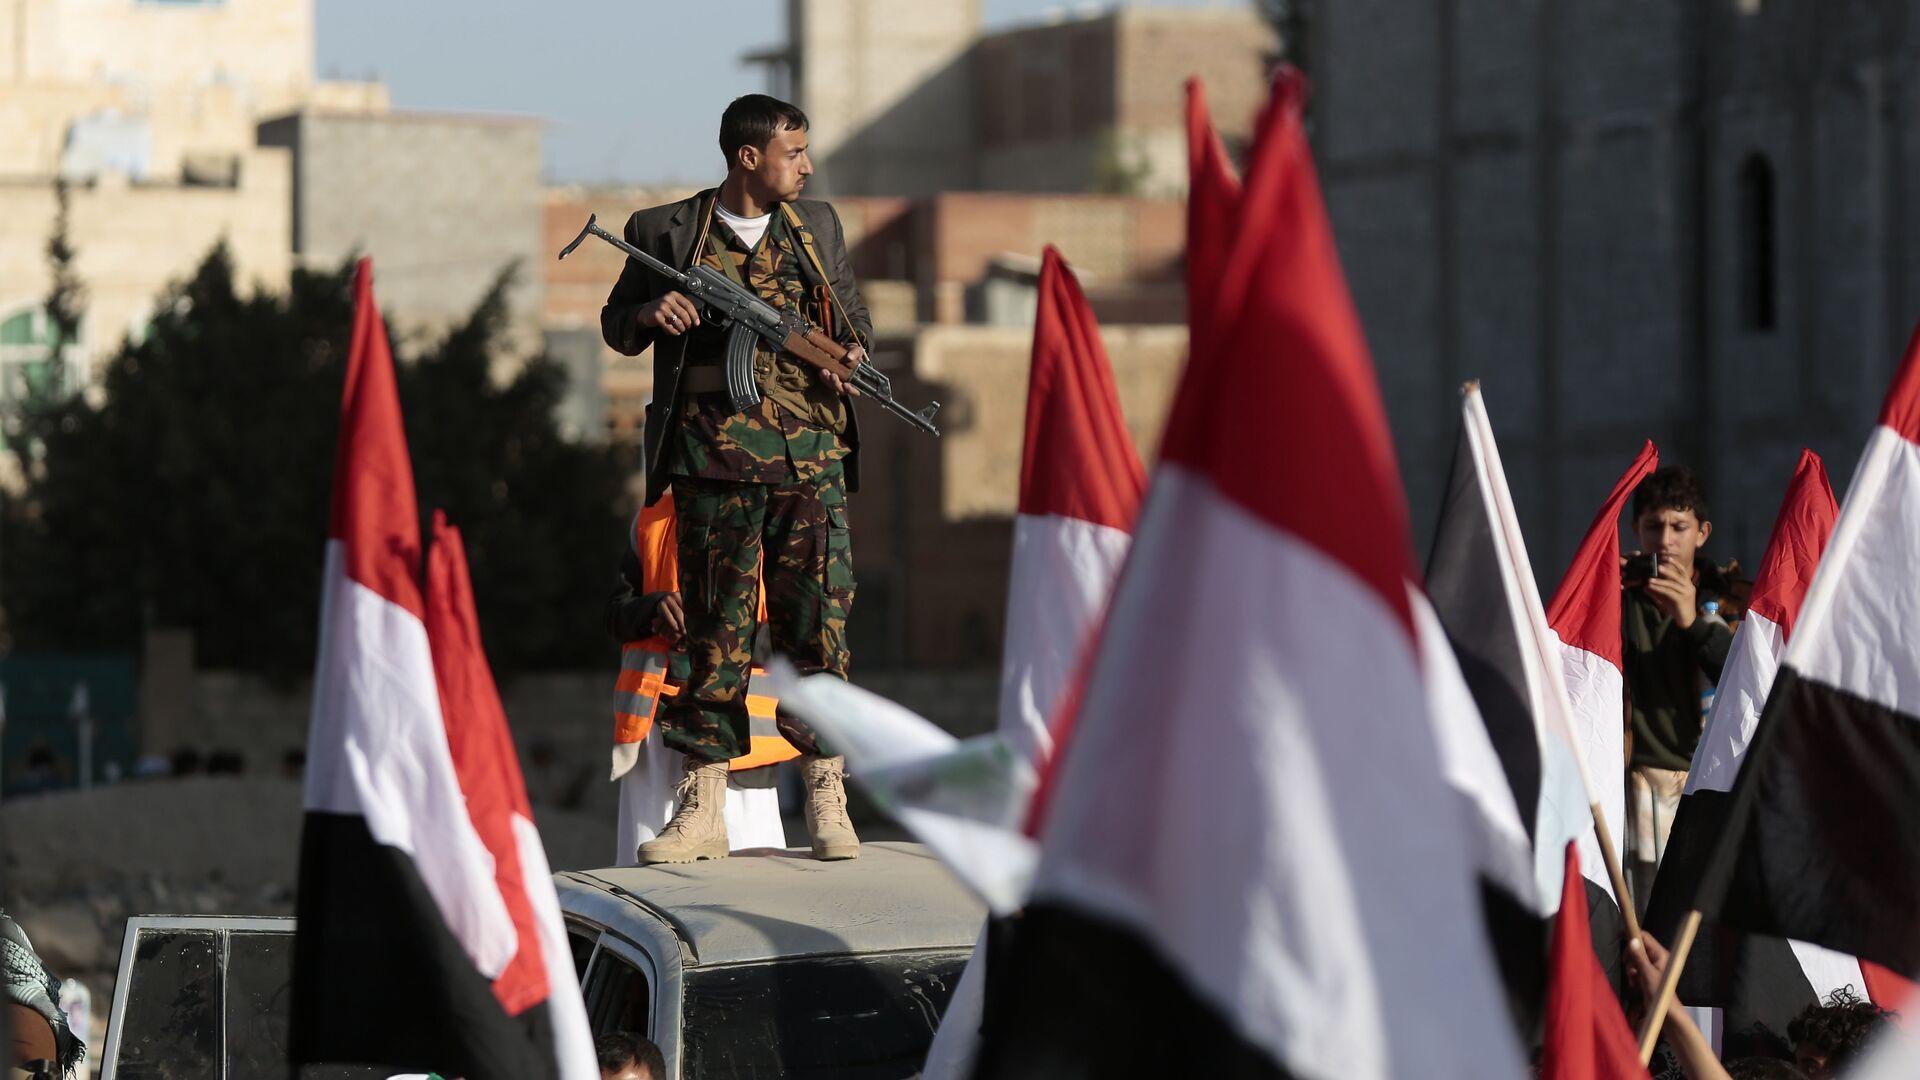 Повстанцы-хуситы на улице Саны отмечают убийство президента Йемена Али Абдалла Салеха. 5 декабря 2017 - РИА Новости, 1920, 24.09.2021